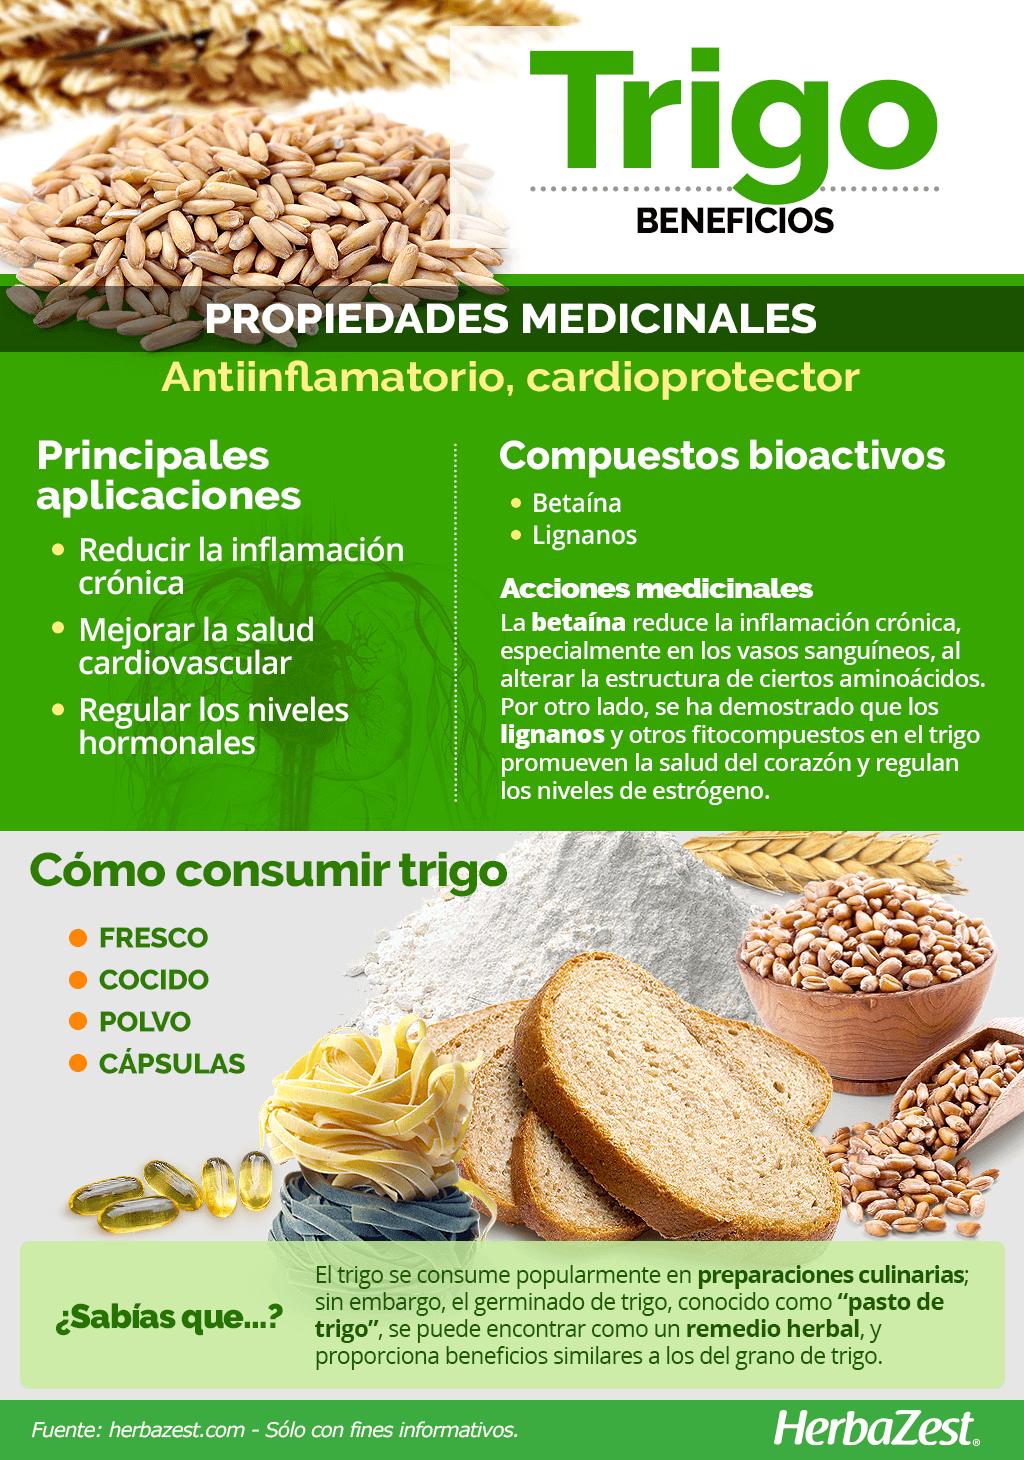 Beneficios del trigo